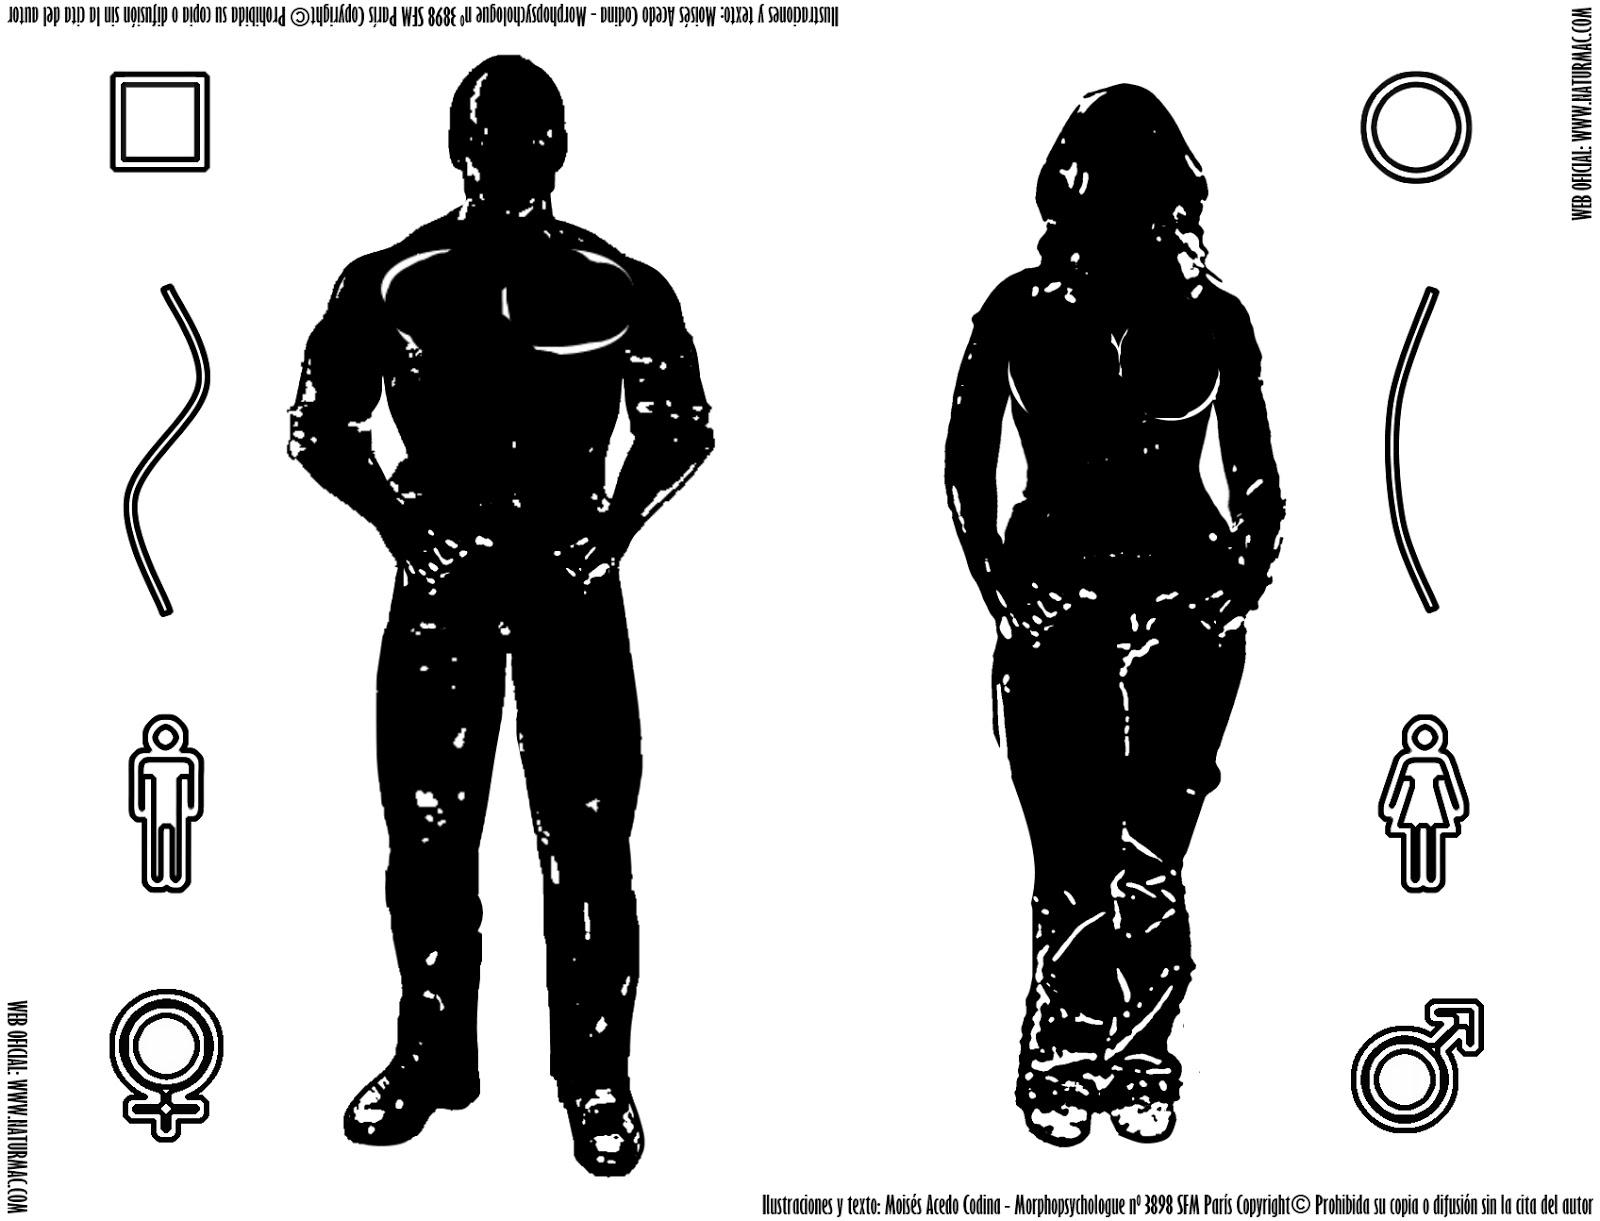 Imagenes De Cuerpo Humano Masculino Y Femenino